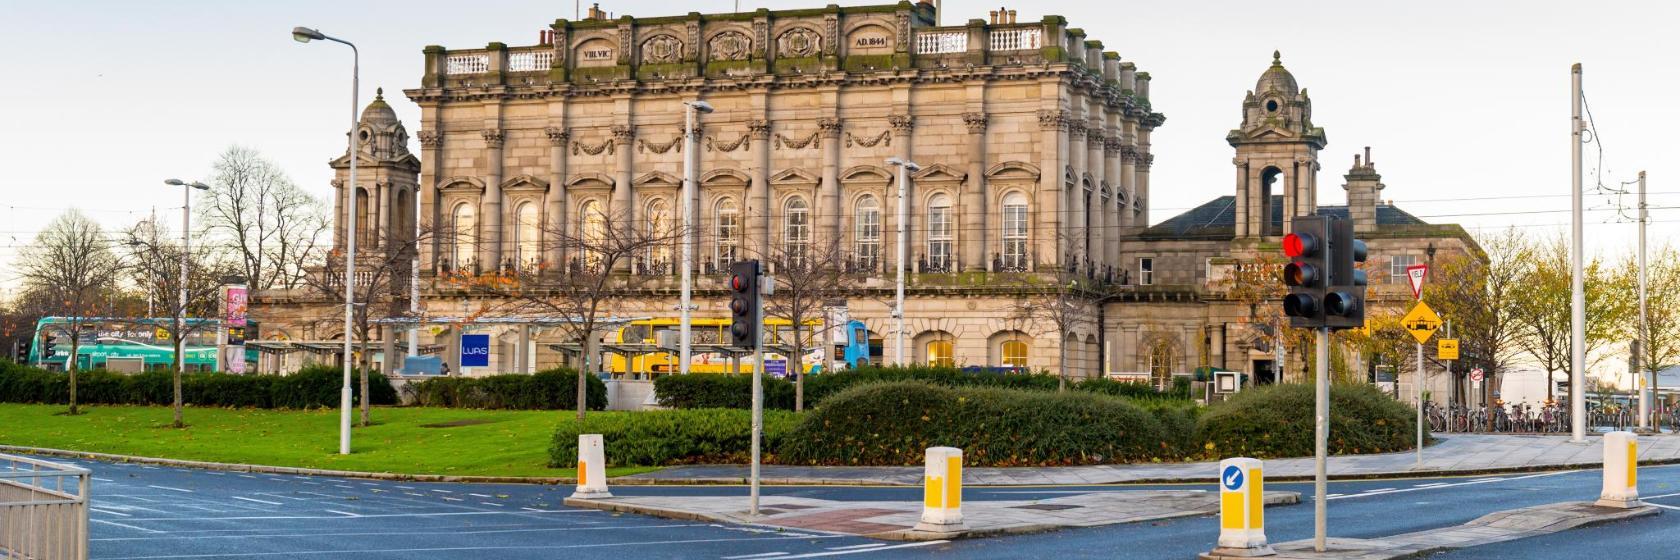 Los 10 mejores hoteles cerca de Estación de tren de Heuston ...